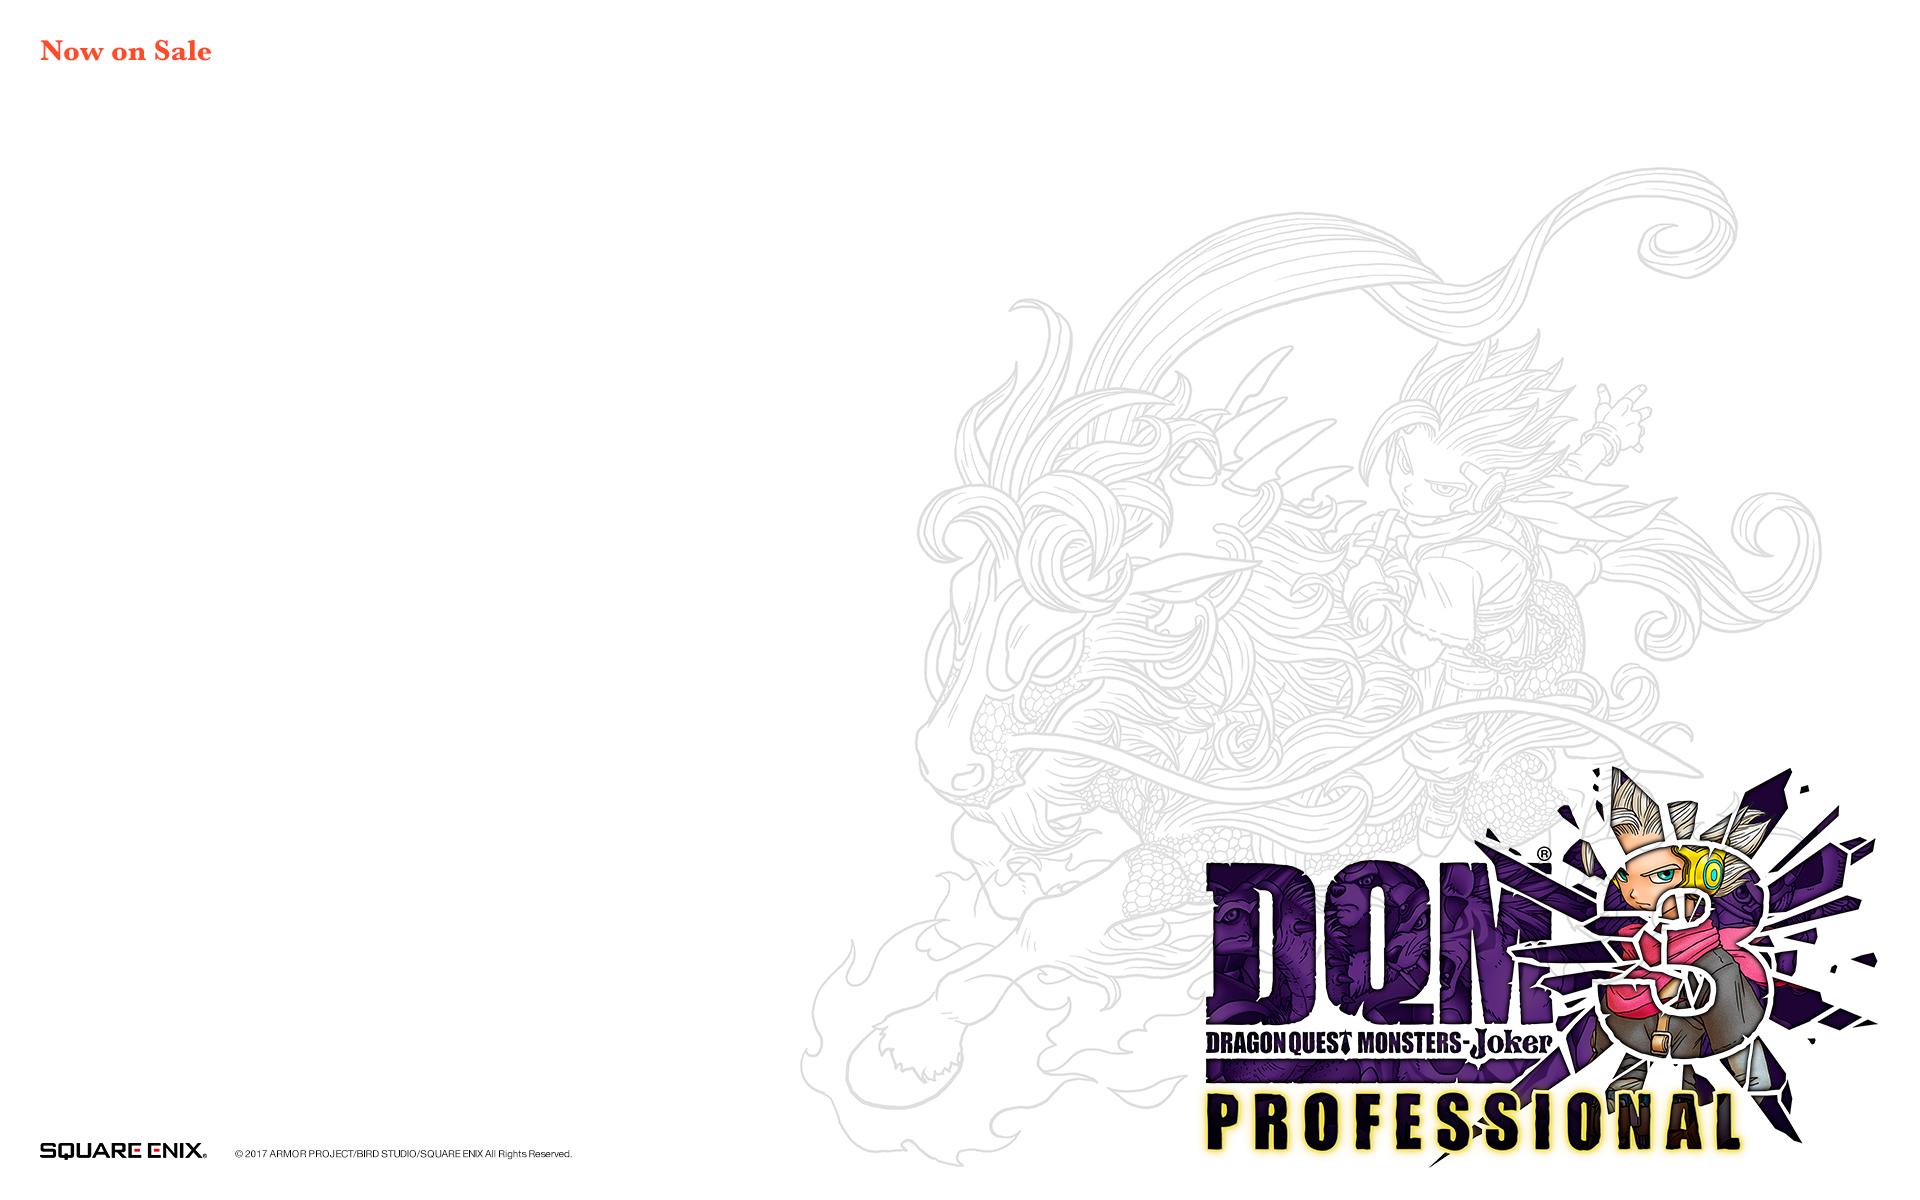 【DQMJ3P】最新フラゲ・ネタバレ情報まとめ!ジョーカーシリーズ最終作の注目すべきポイント